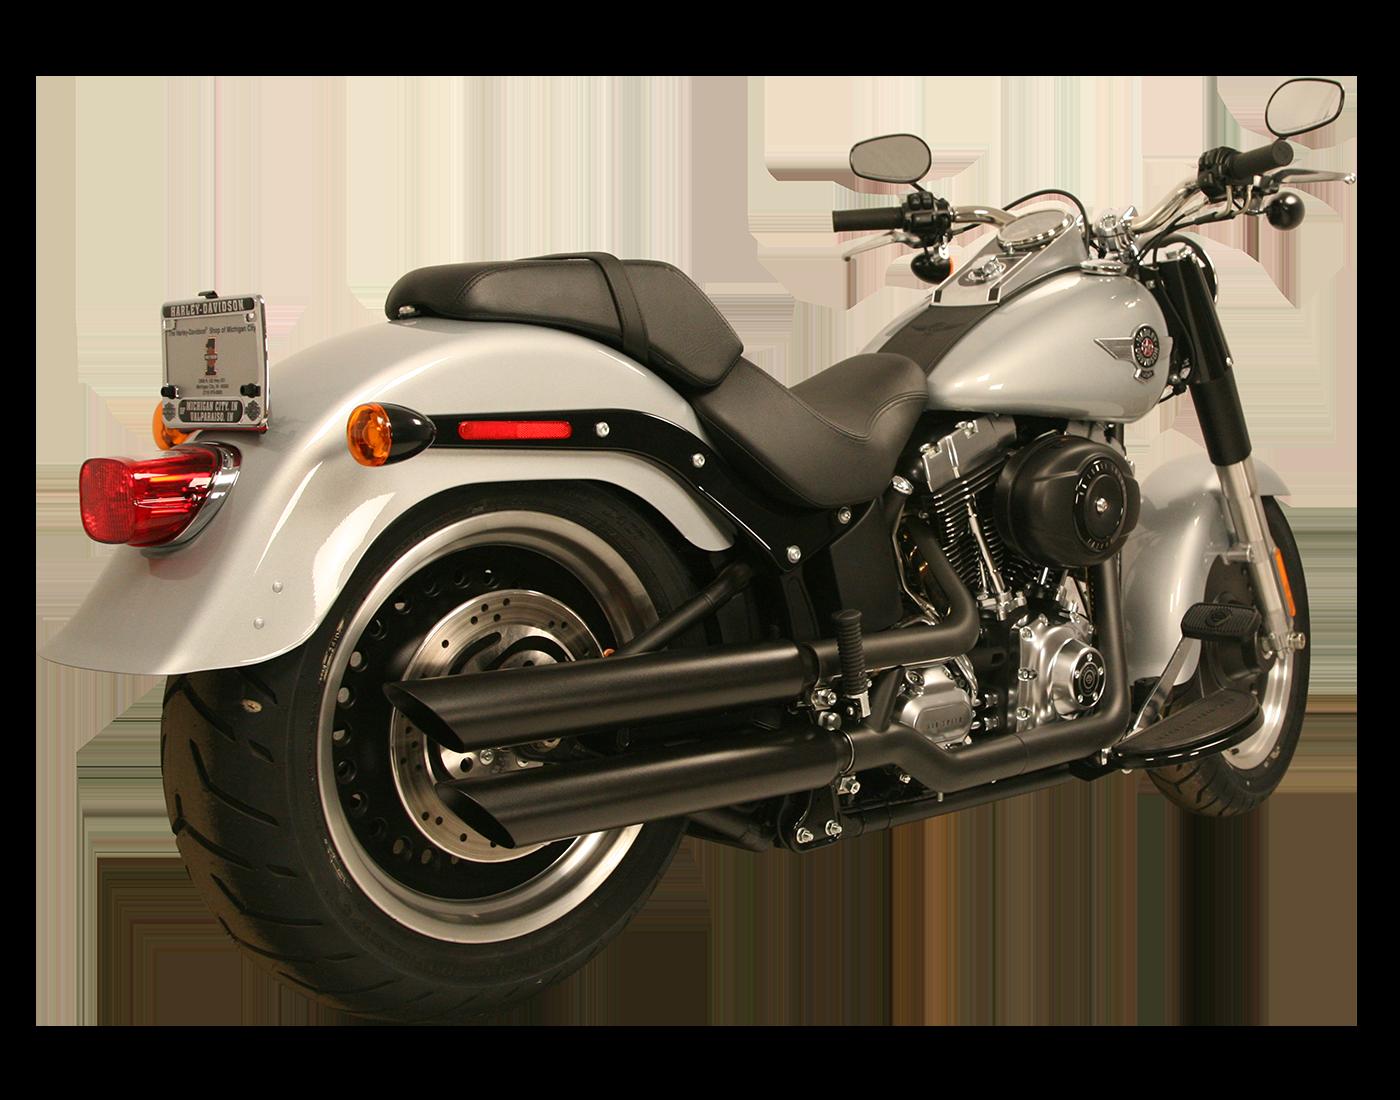 Harley - 26411-on-11-Fat-Boy